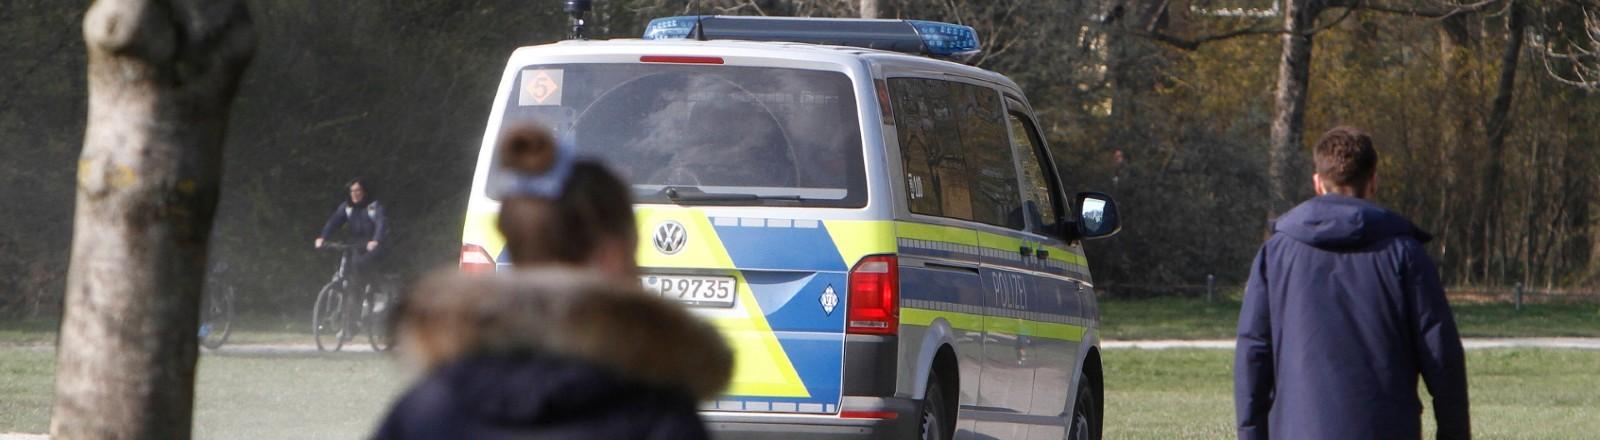 Eine Polizeistreife der Landespolizei Bayern kontrolliert anlässlich der Coronakrise die Einhaltung der Kontaktverbote sowie Mindestabstände in dem von Passanten und Ausflüglern stark frequentierten Park Englischer Garten in München.